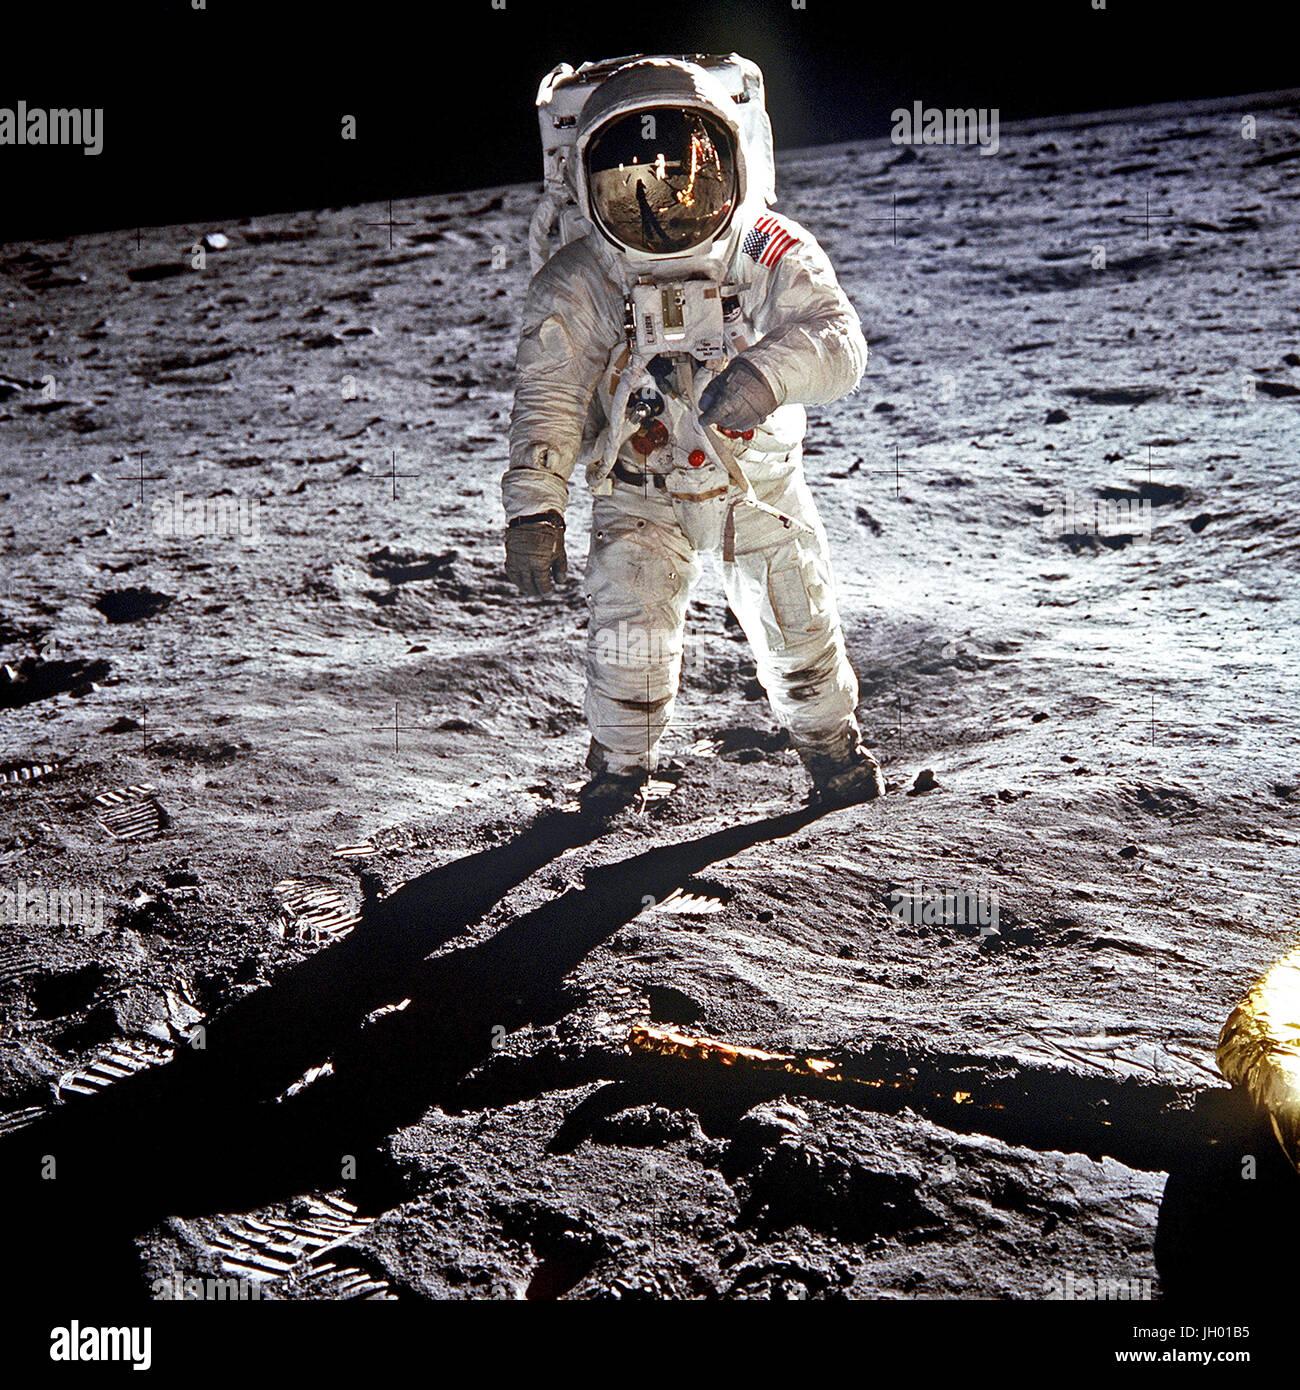 NASA Apollo 11 Astronaut Buzz Aldrin inside the Lunar Module New 8x10 Photo